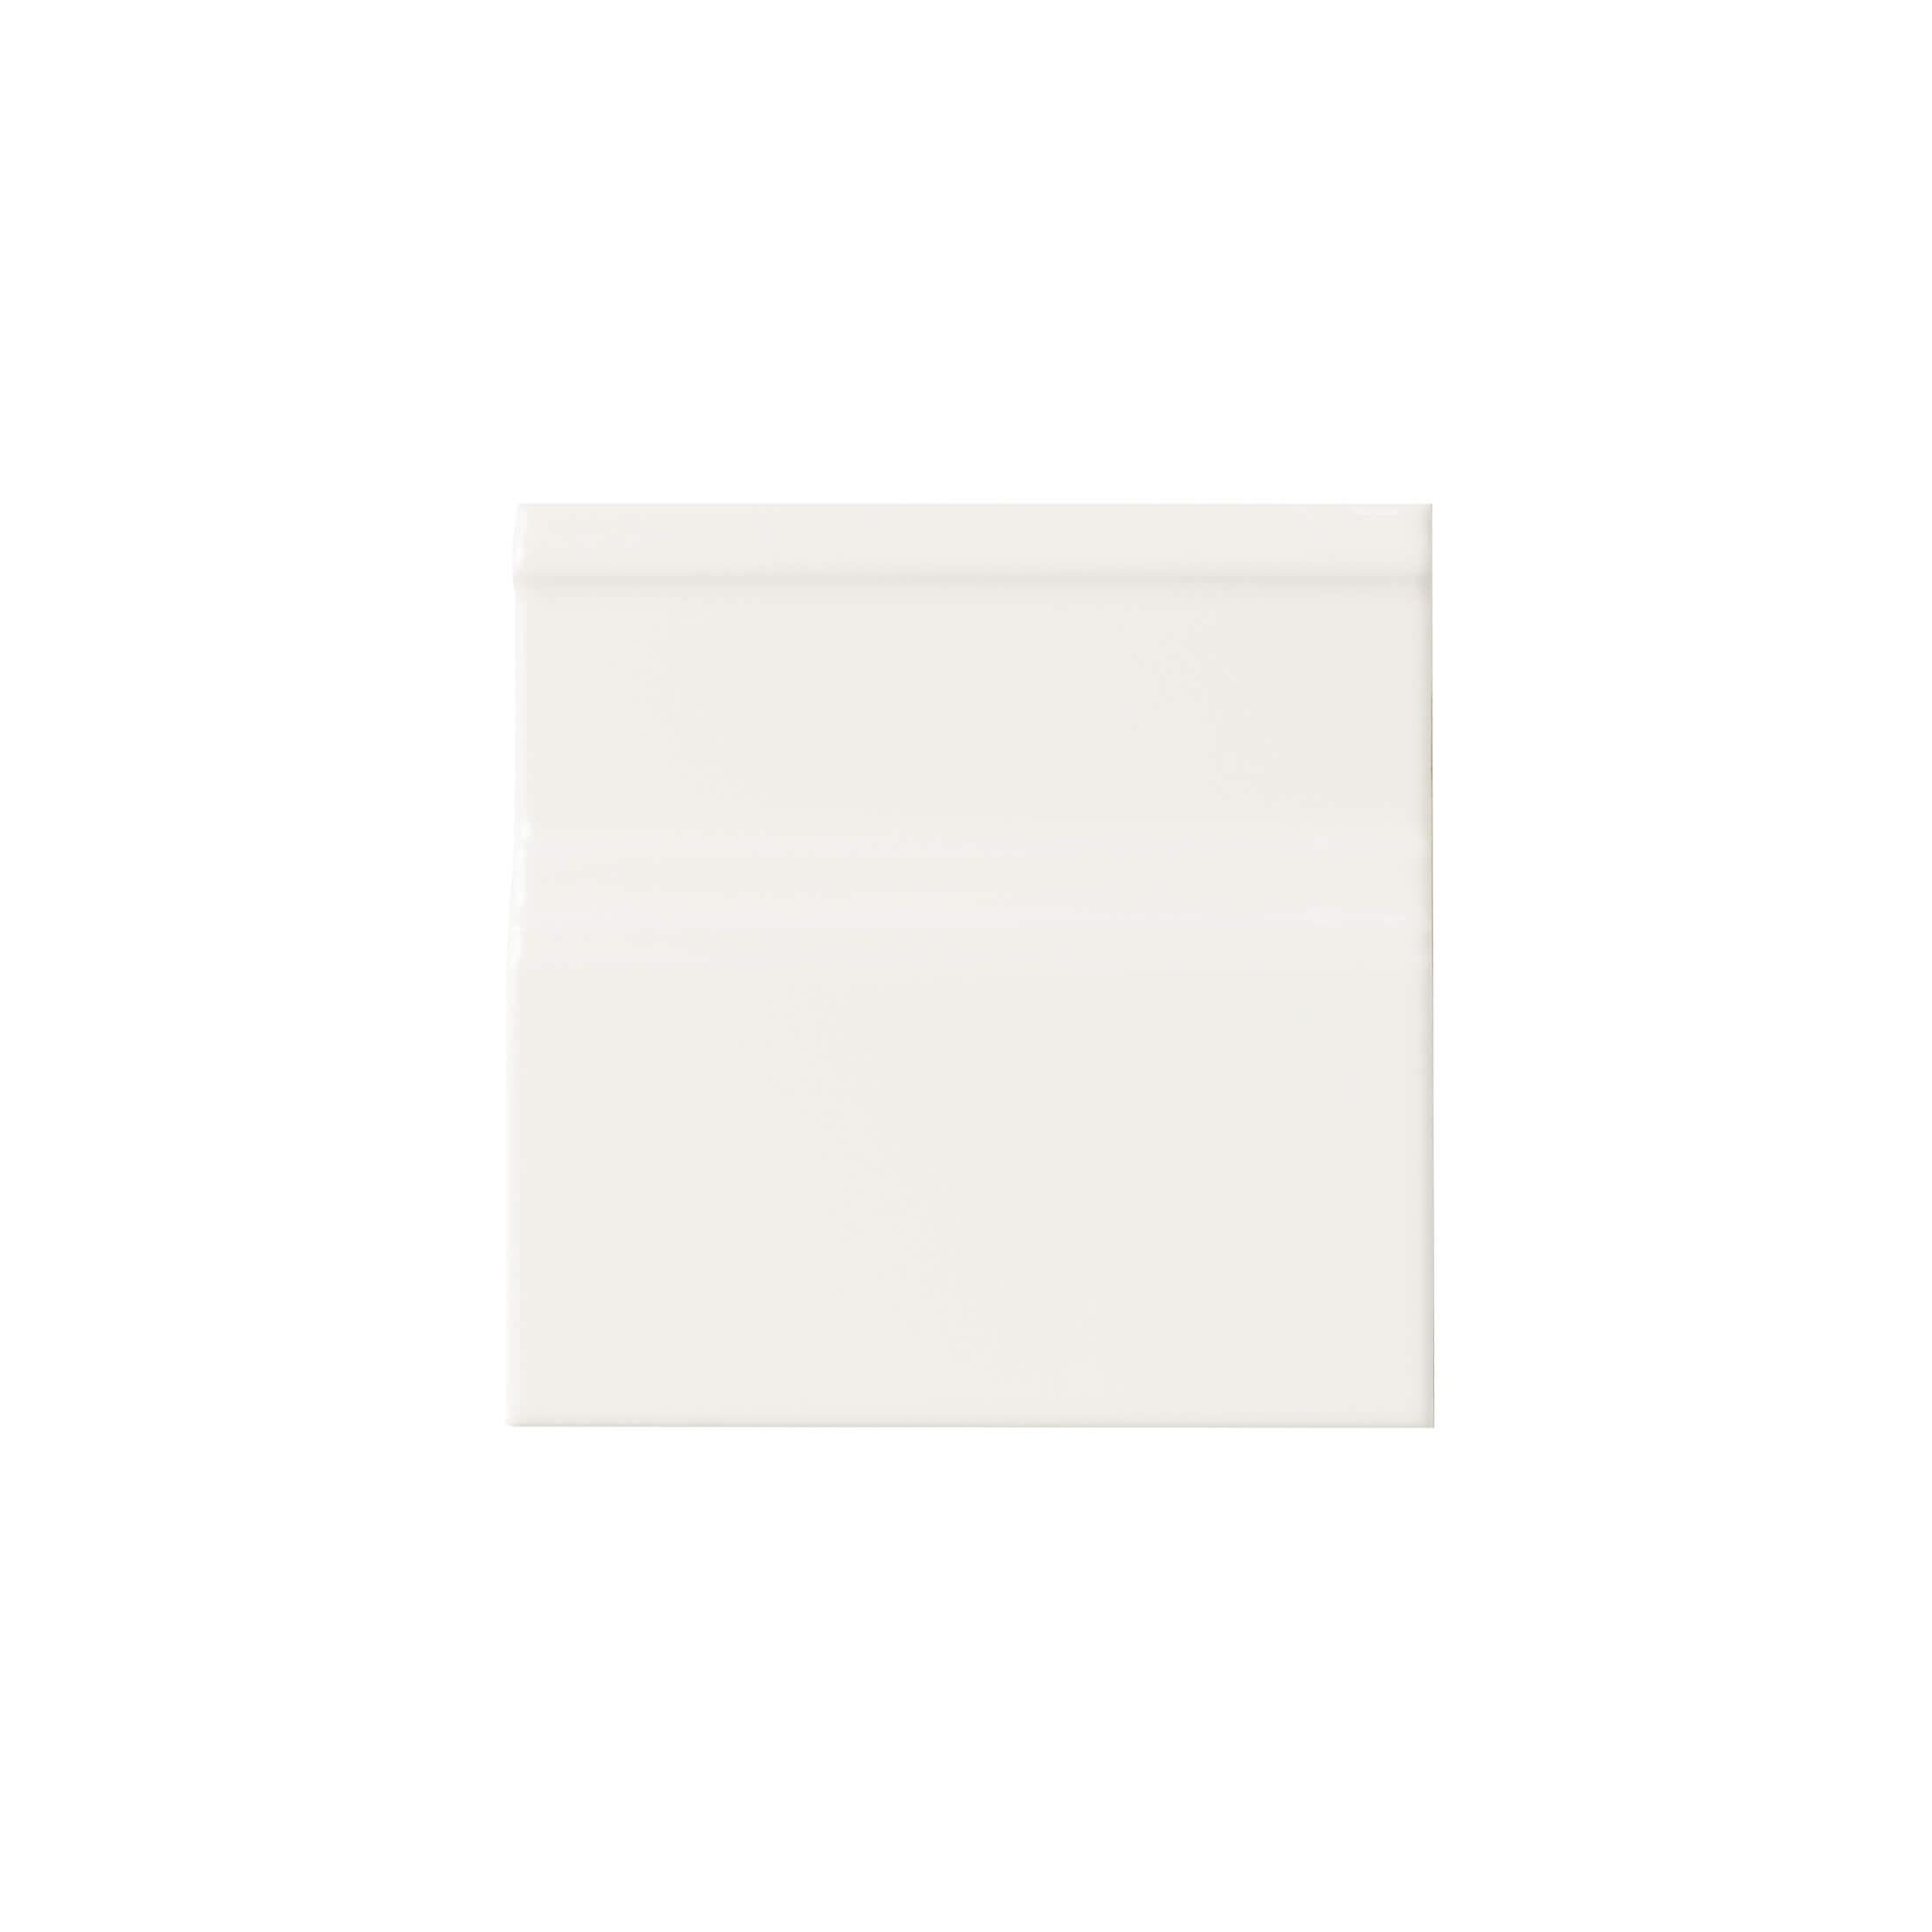 ADNE5320 - RODAPIE CLASICO - 15 cm X 15 cm